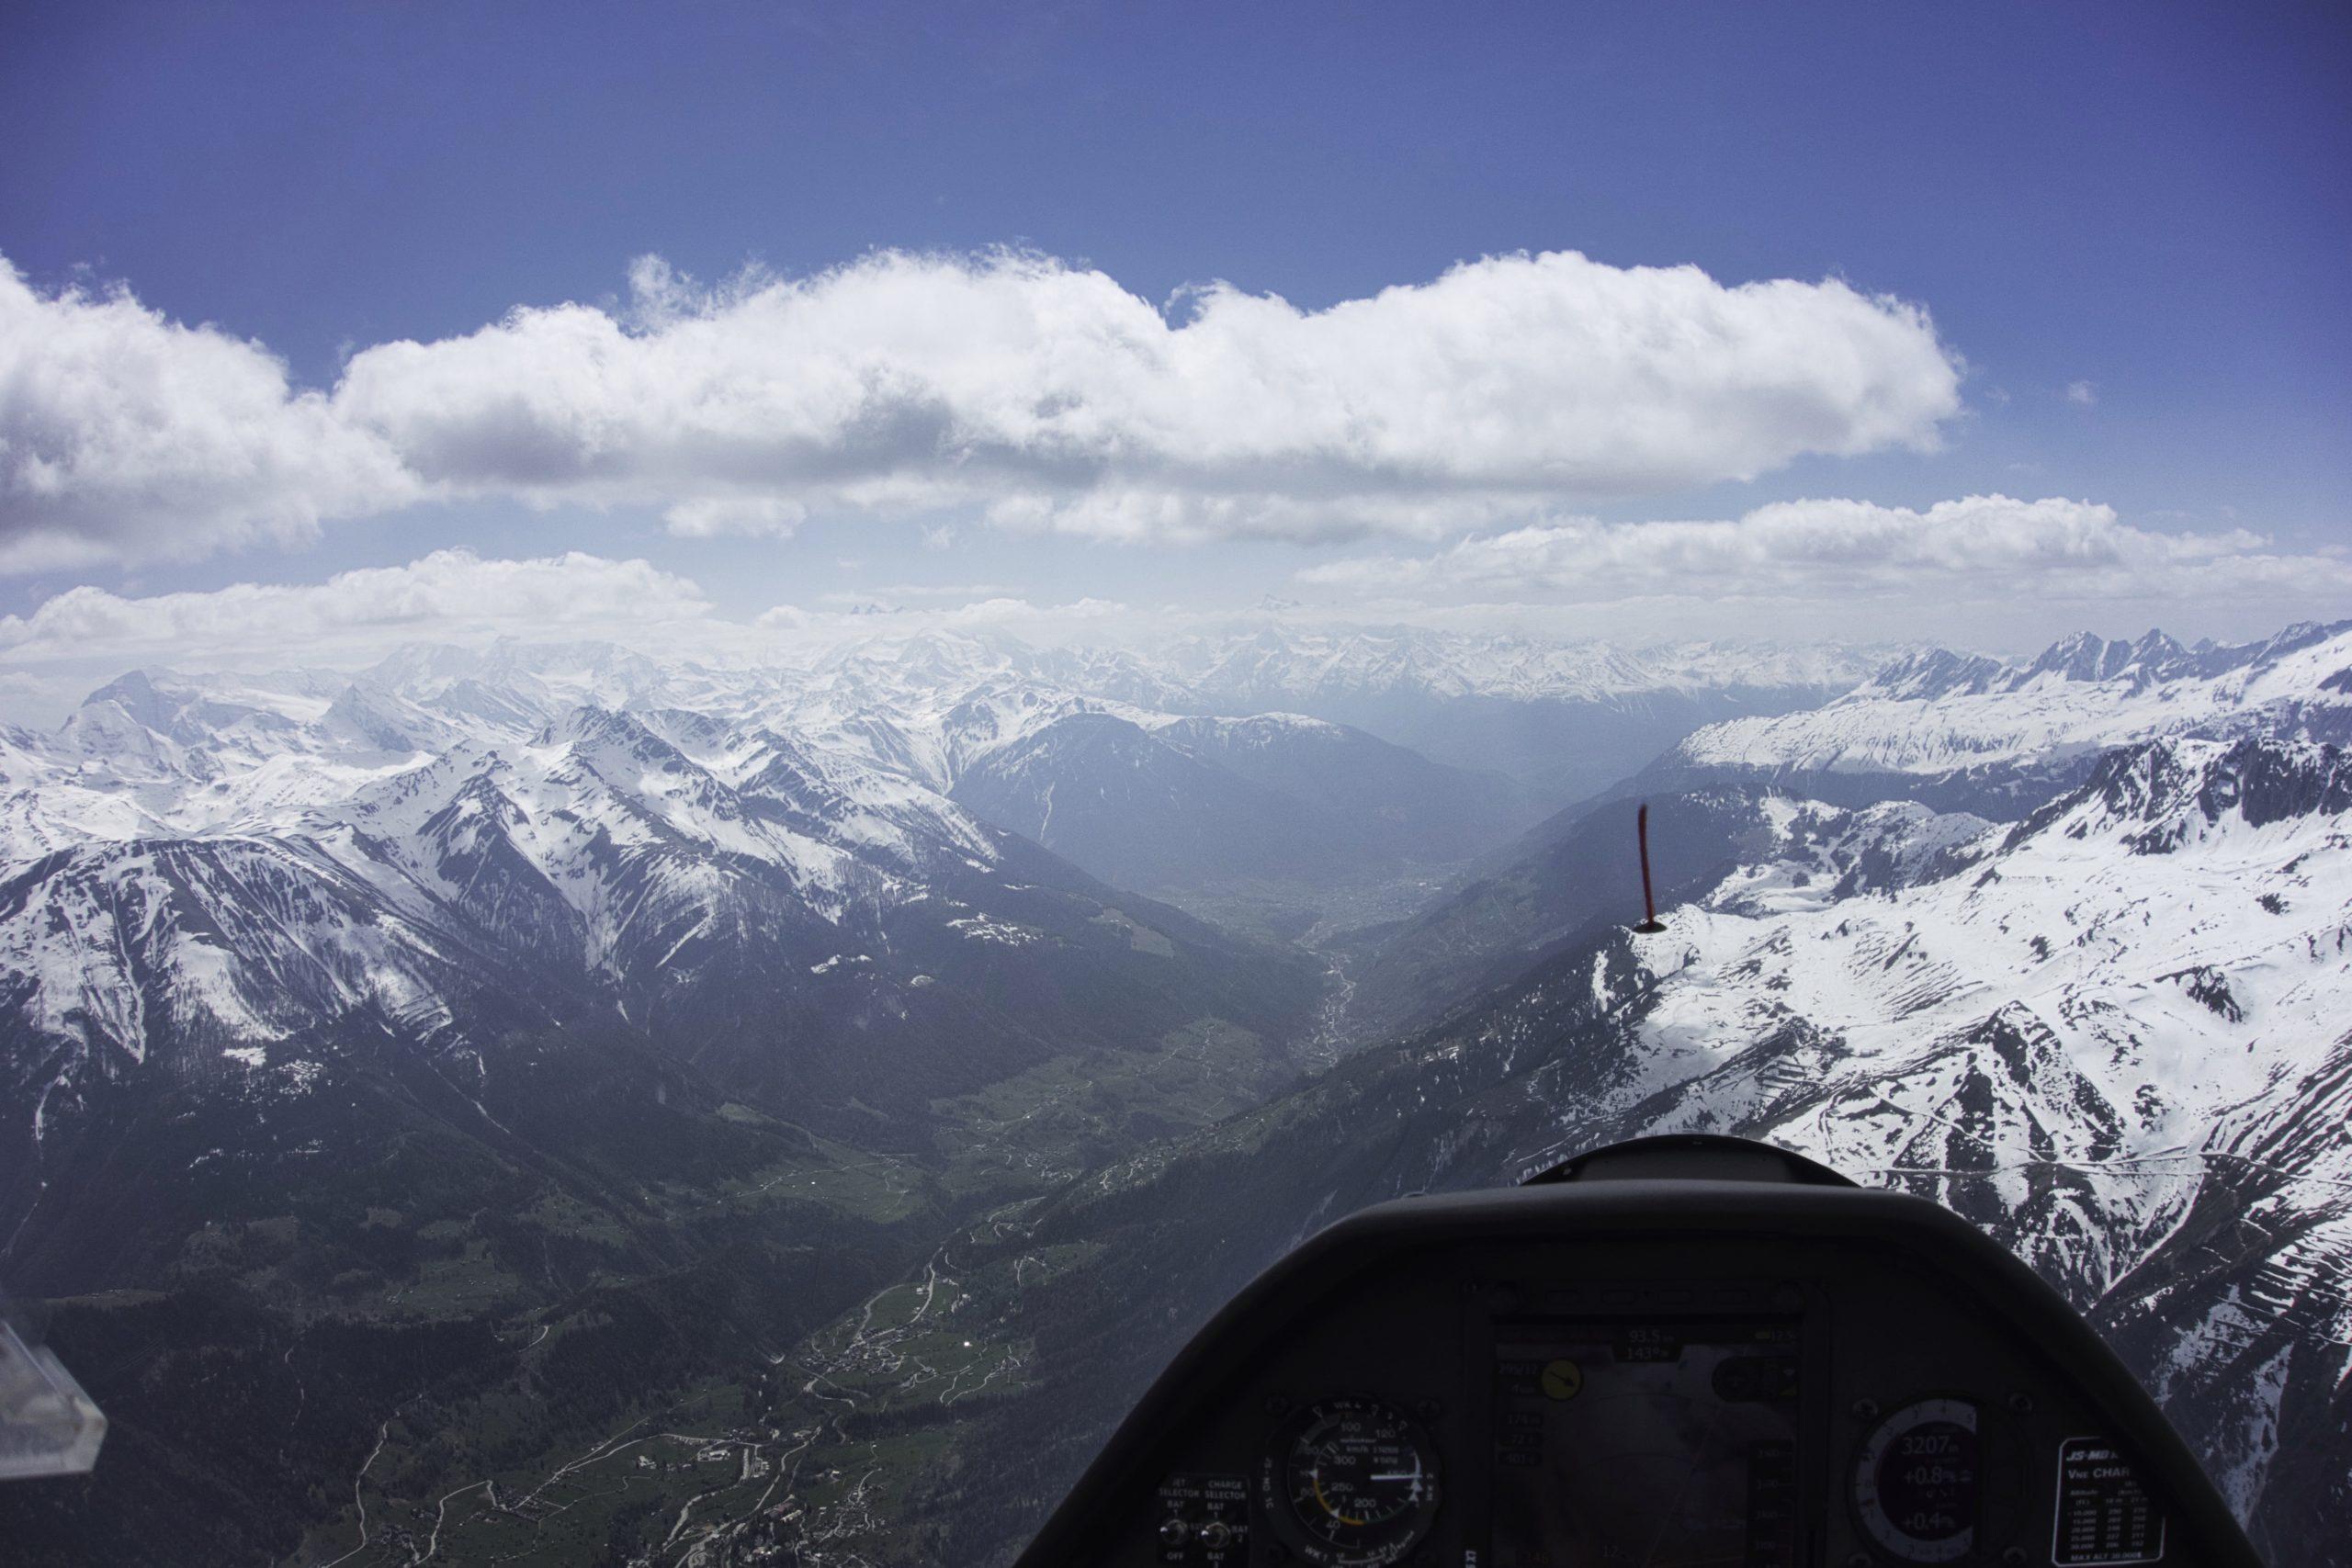 Kilometerschruppen in der Schweiz...